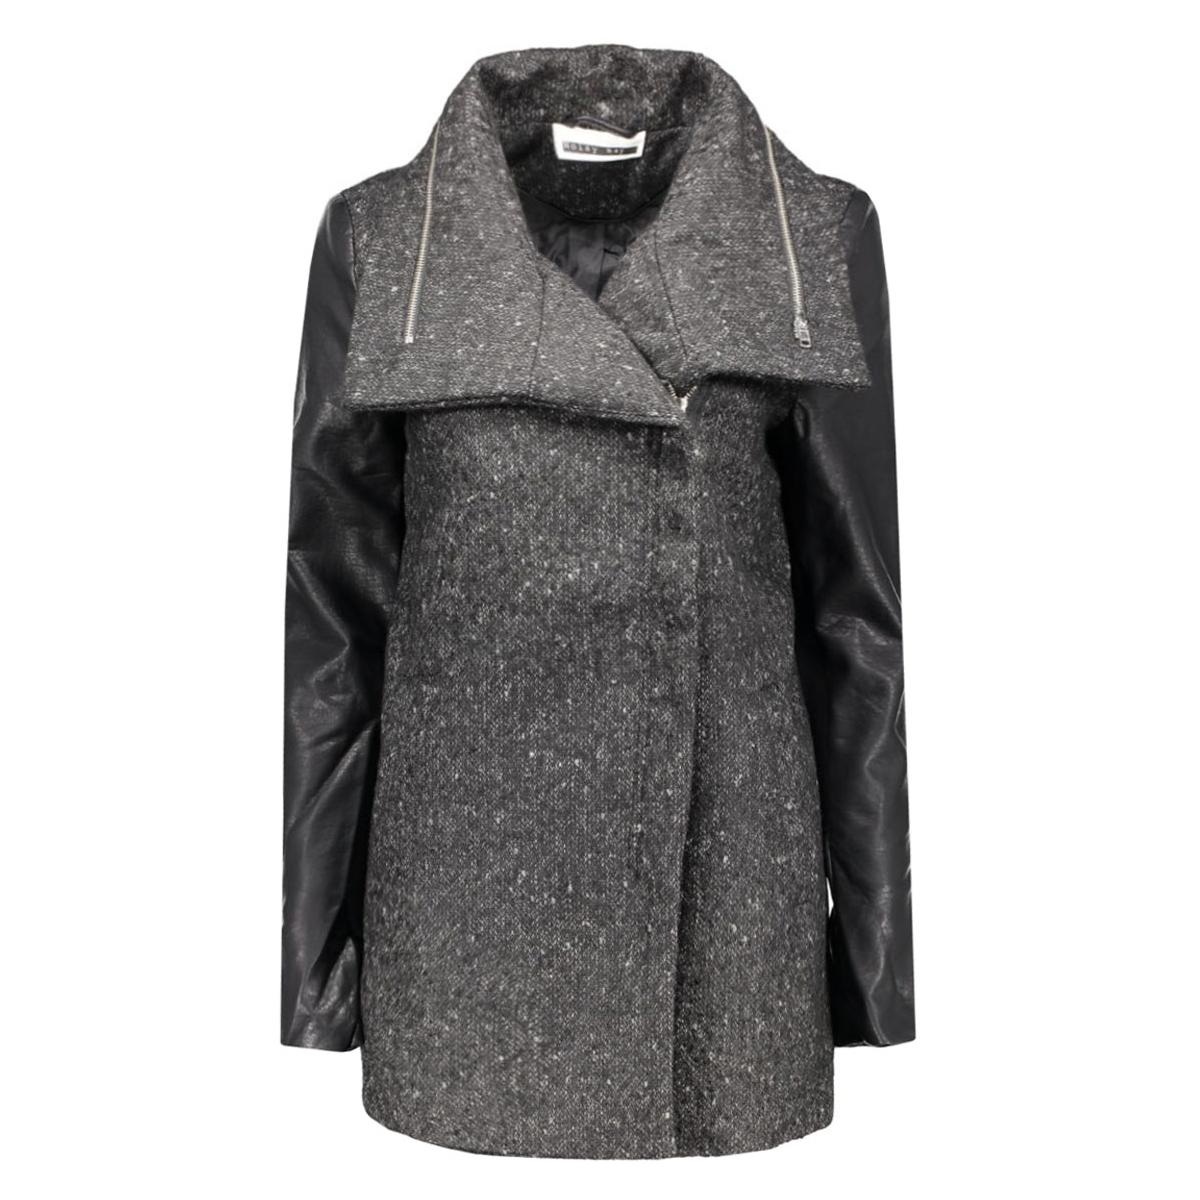 nmkyles l/s jacket 10161032 noisy may jas black